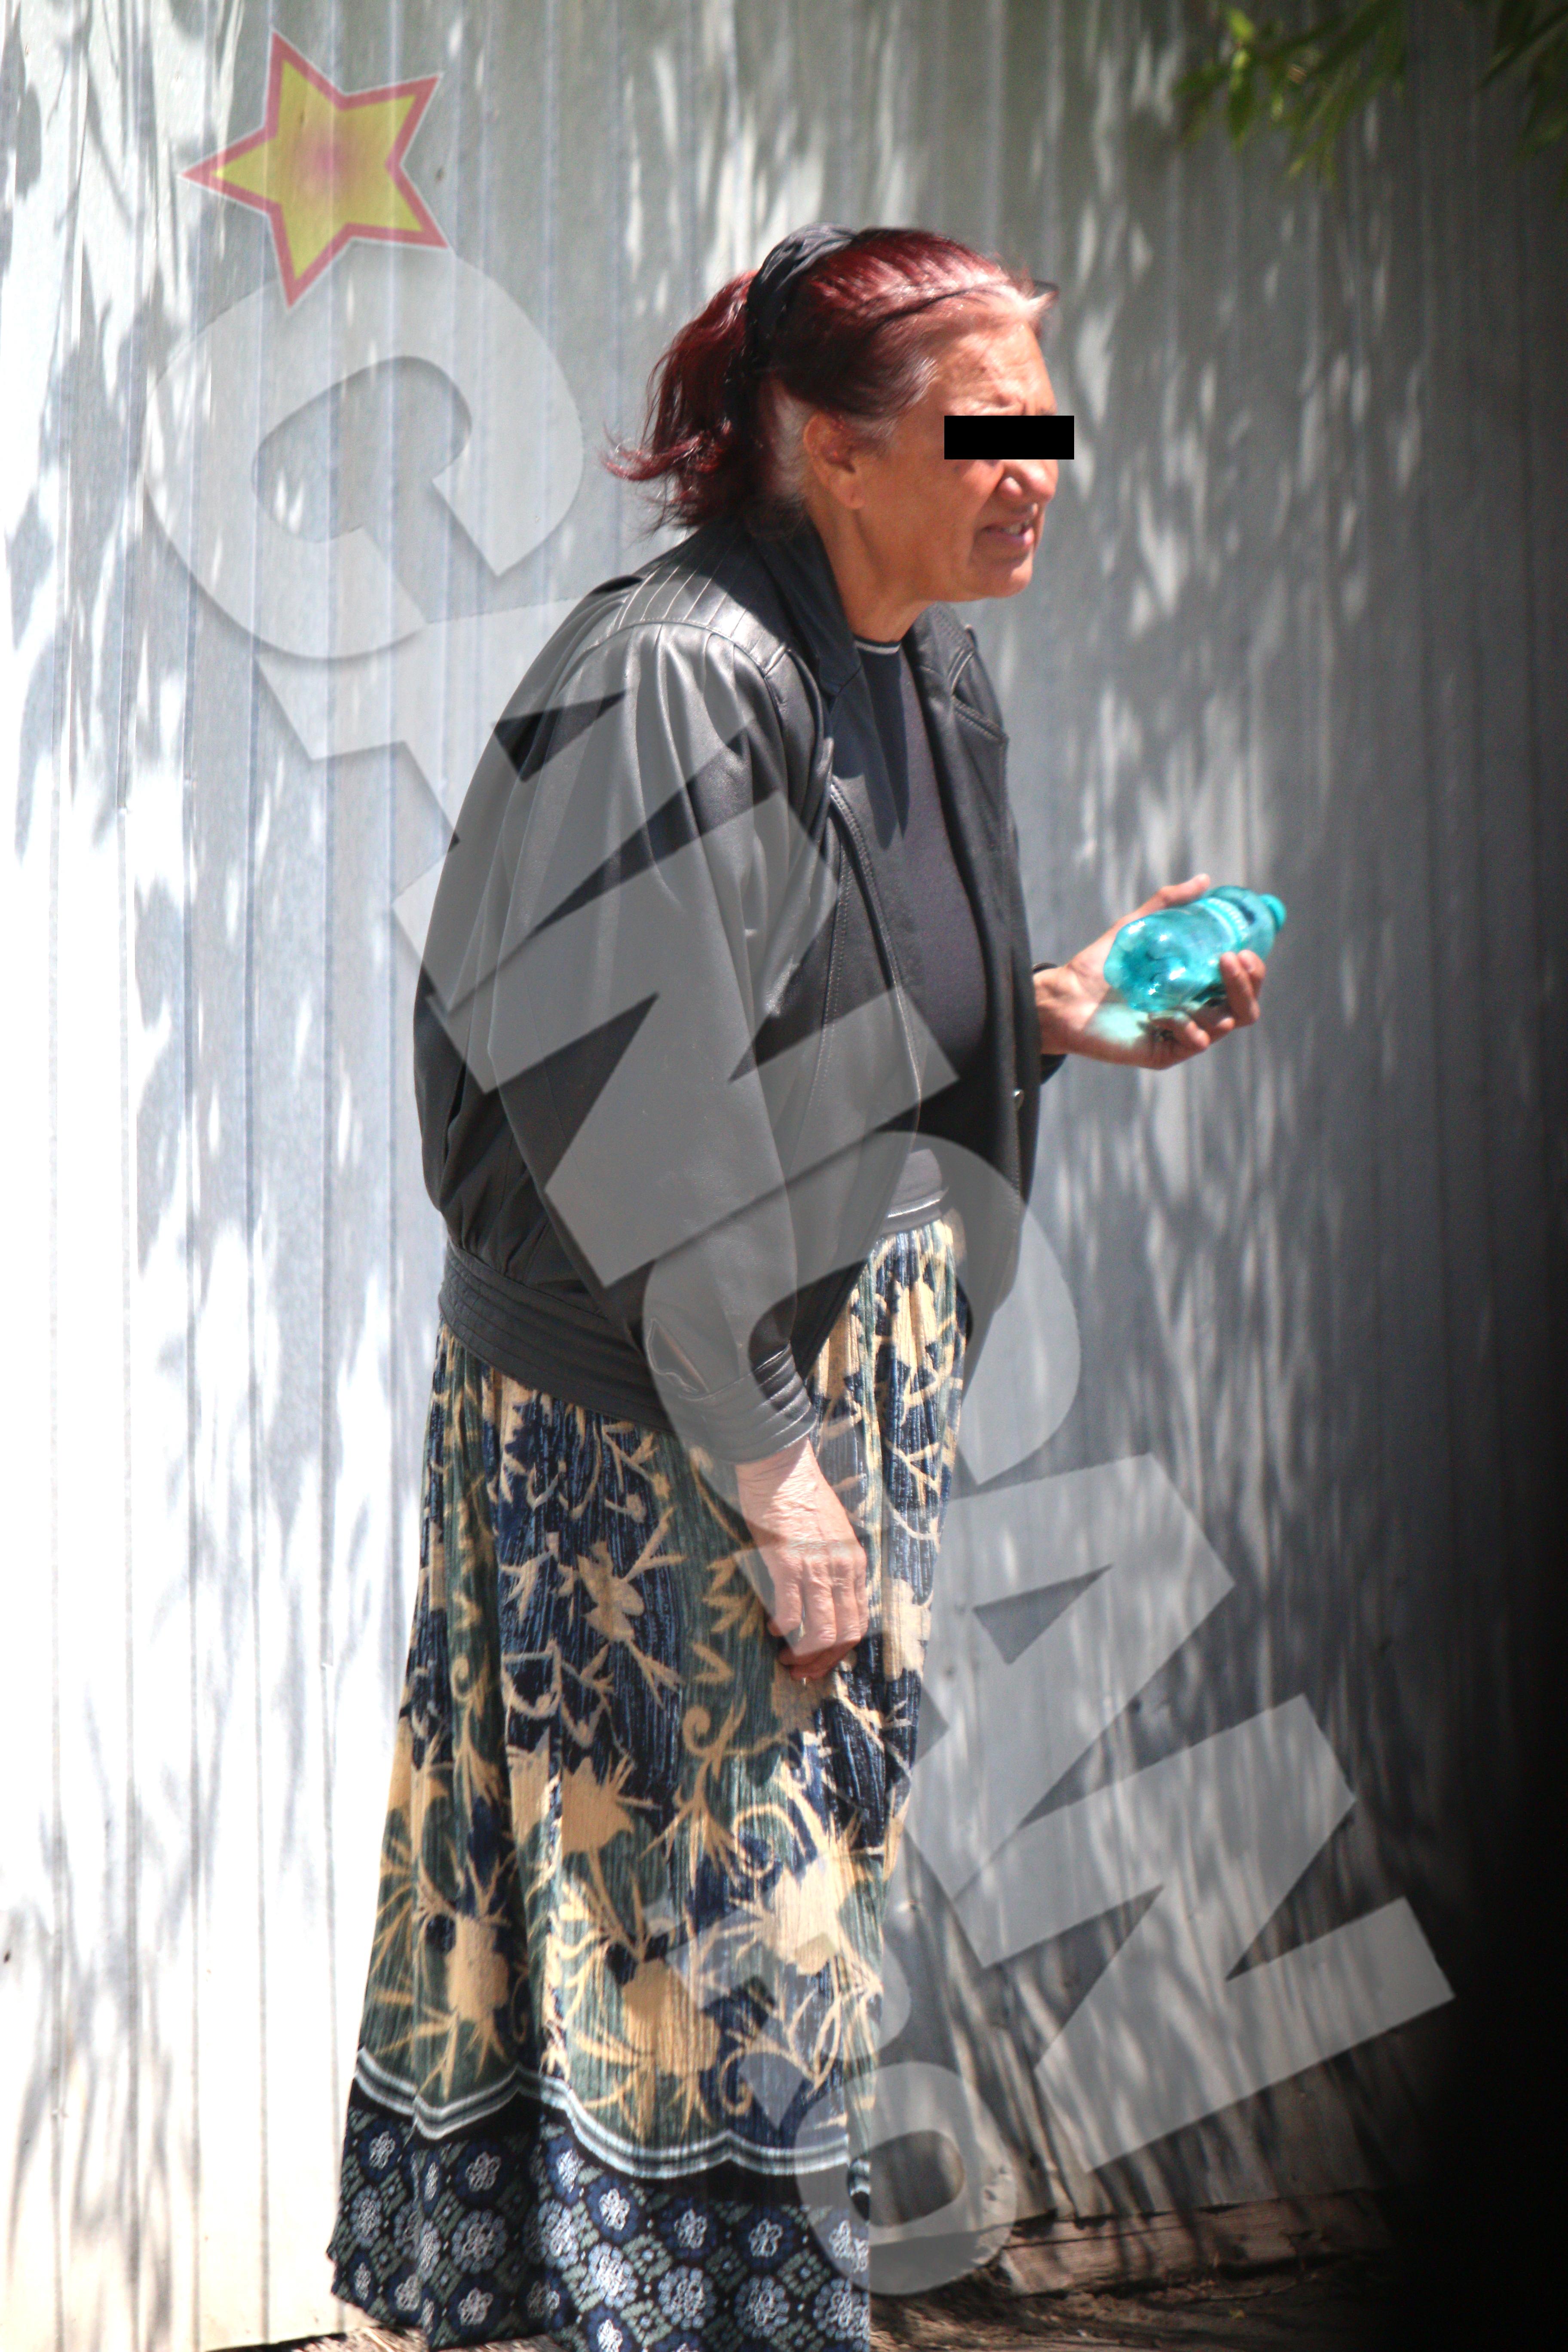 Bunica lui Franco sustien ca fiica lui Minune este obsedata de nepotul sau